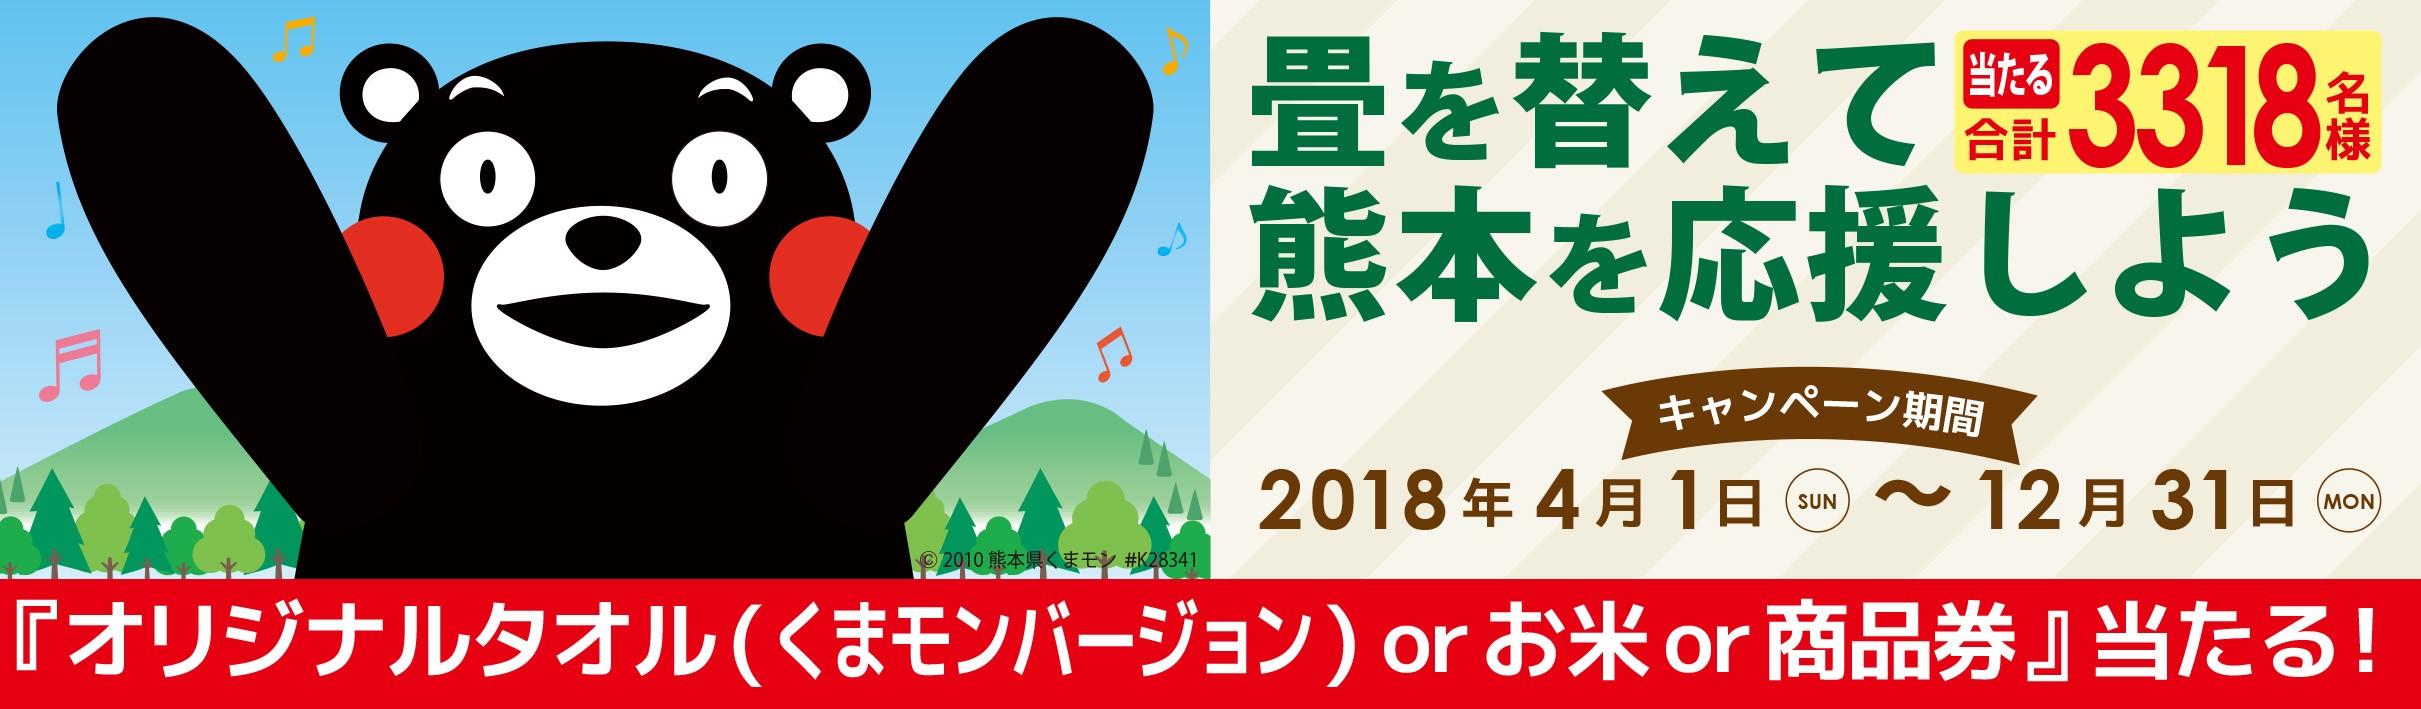 畳を替えて熊本を応援しよう!